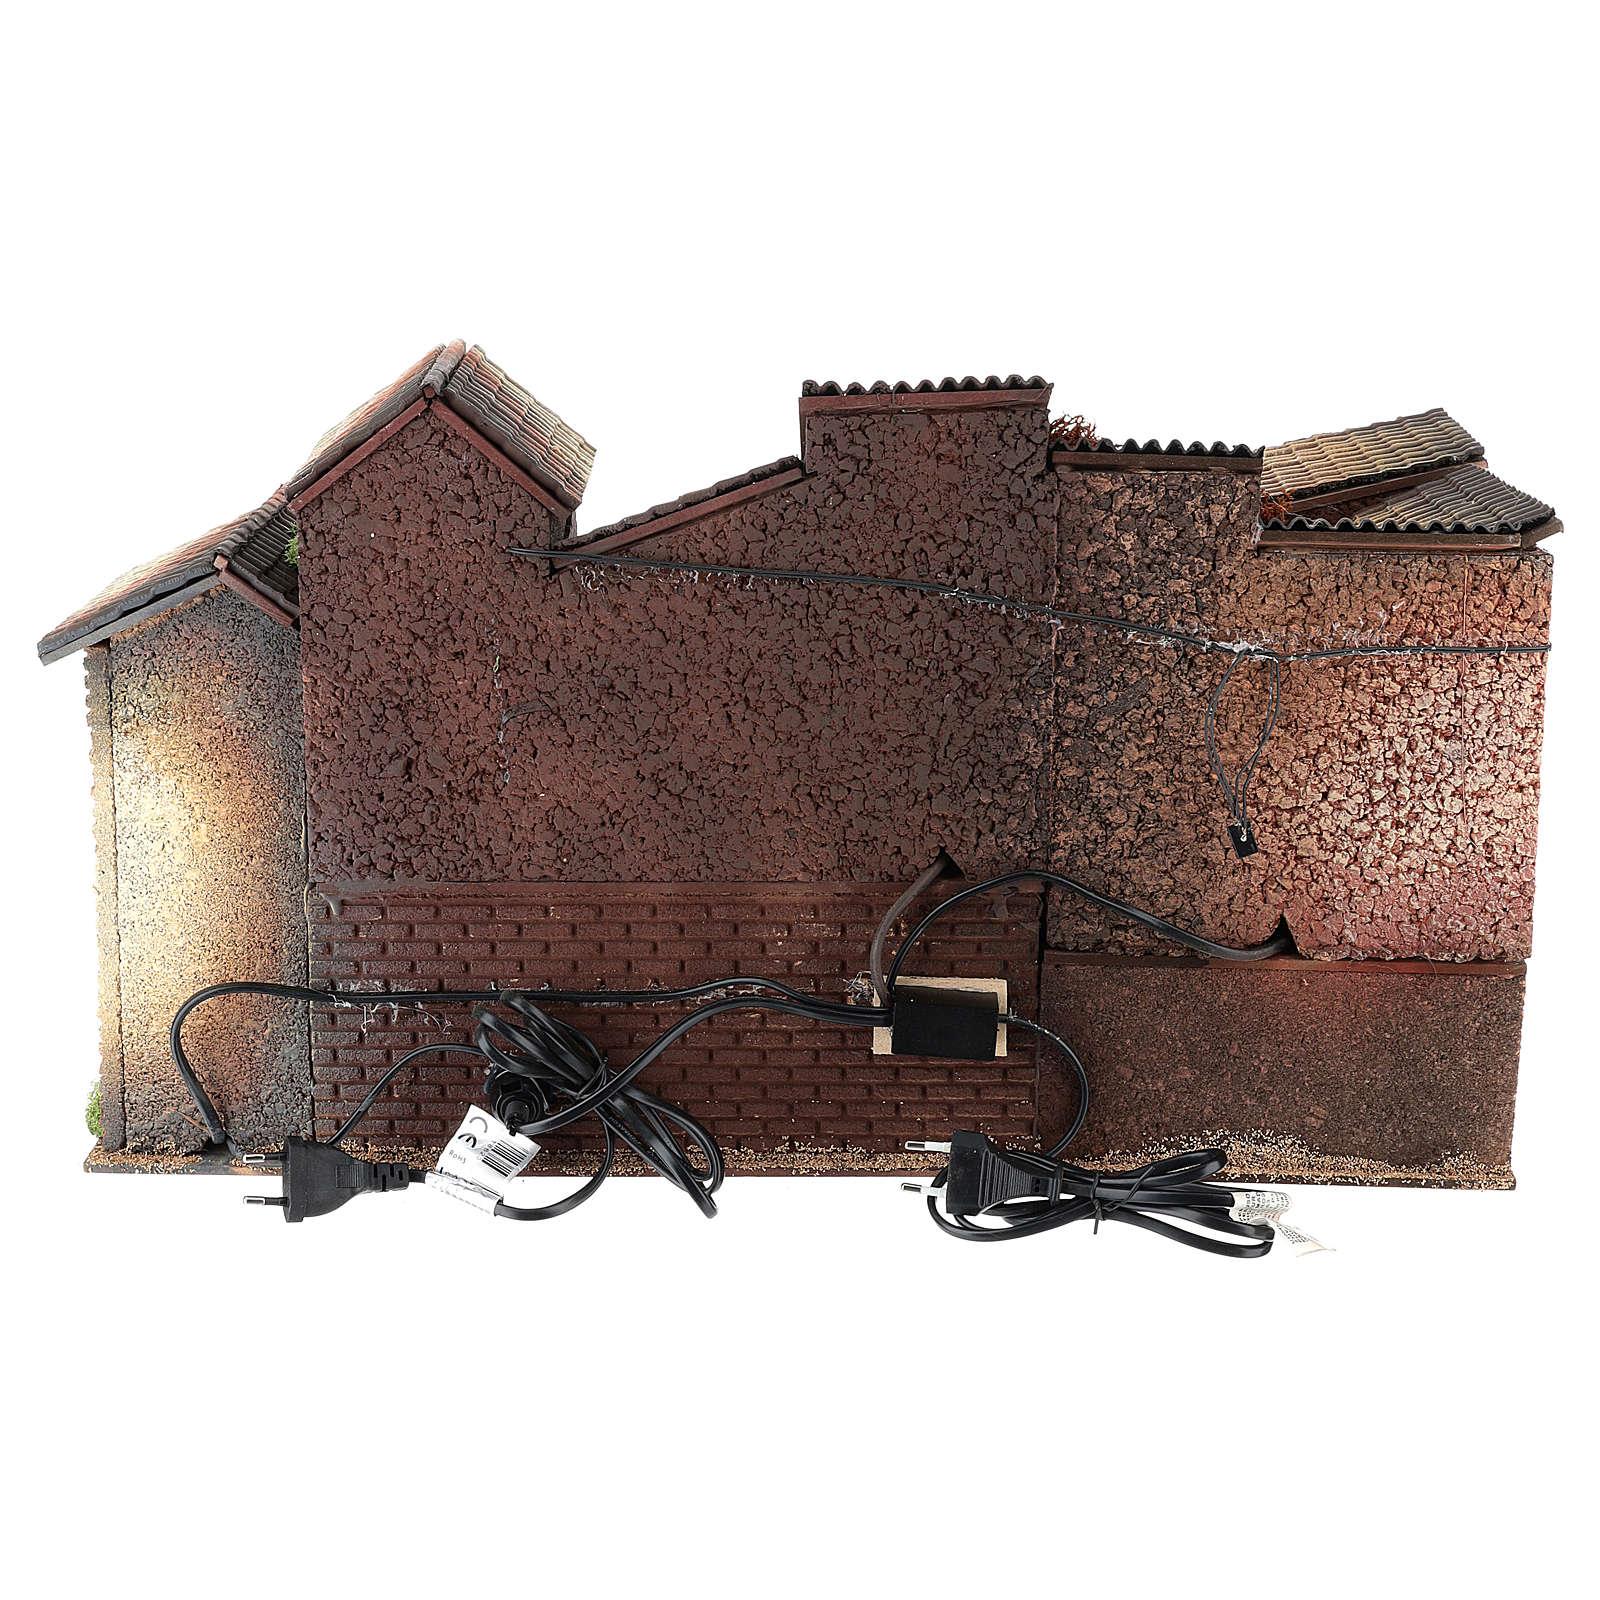 Presépio com fontanário forno 35x60x35 cm para presépio com figuras de 8 cm de altura média 4